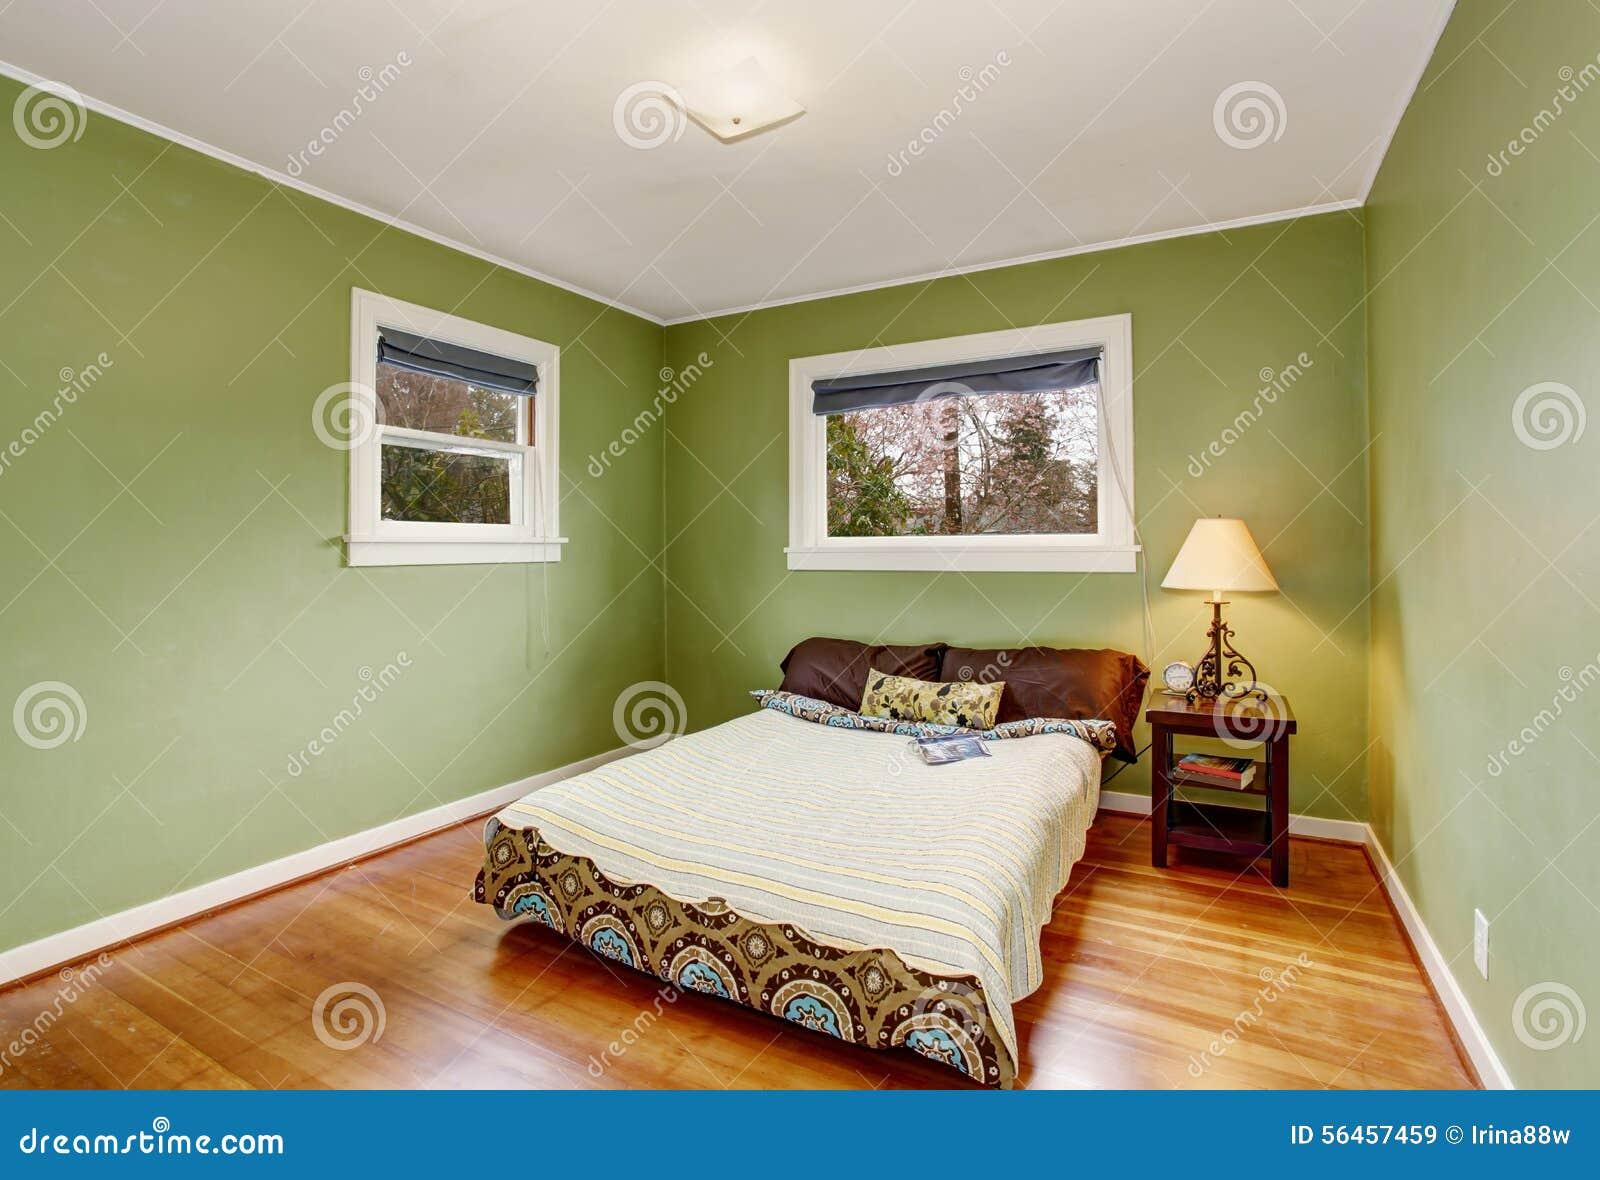 Slaapkamer met groene muren stock foto's– 86 slaapkamer met groene ...